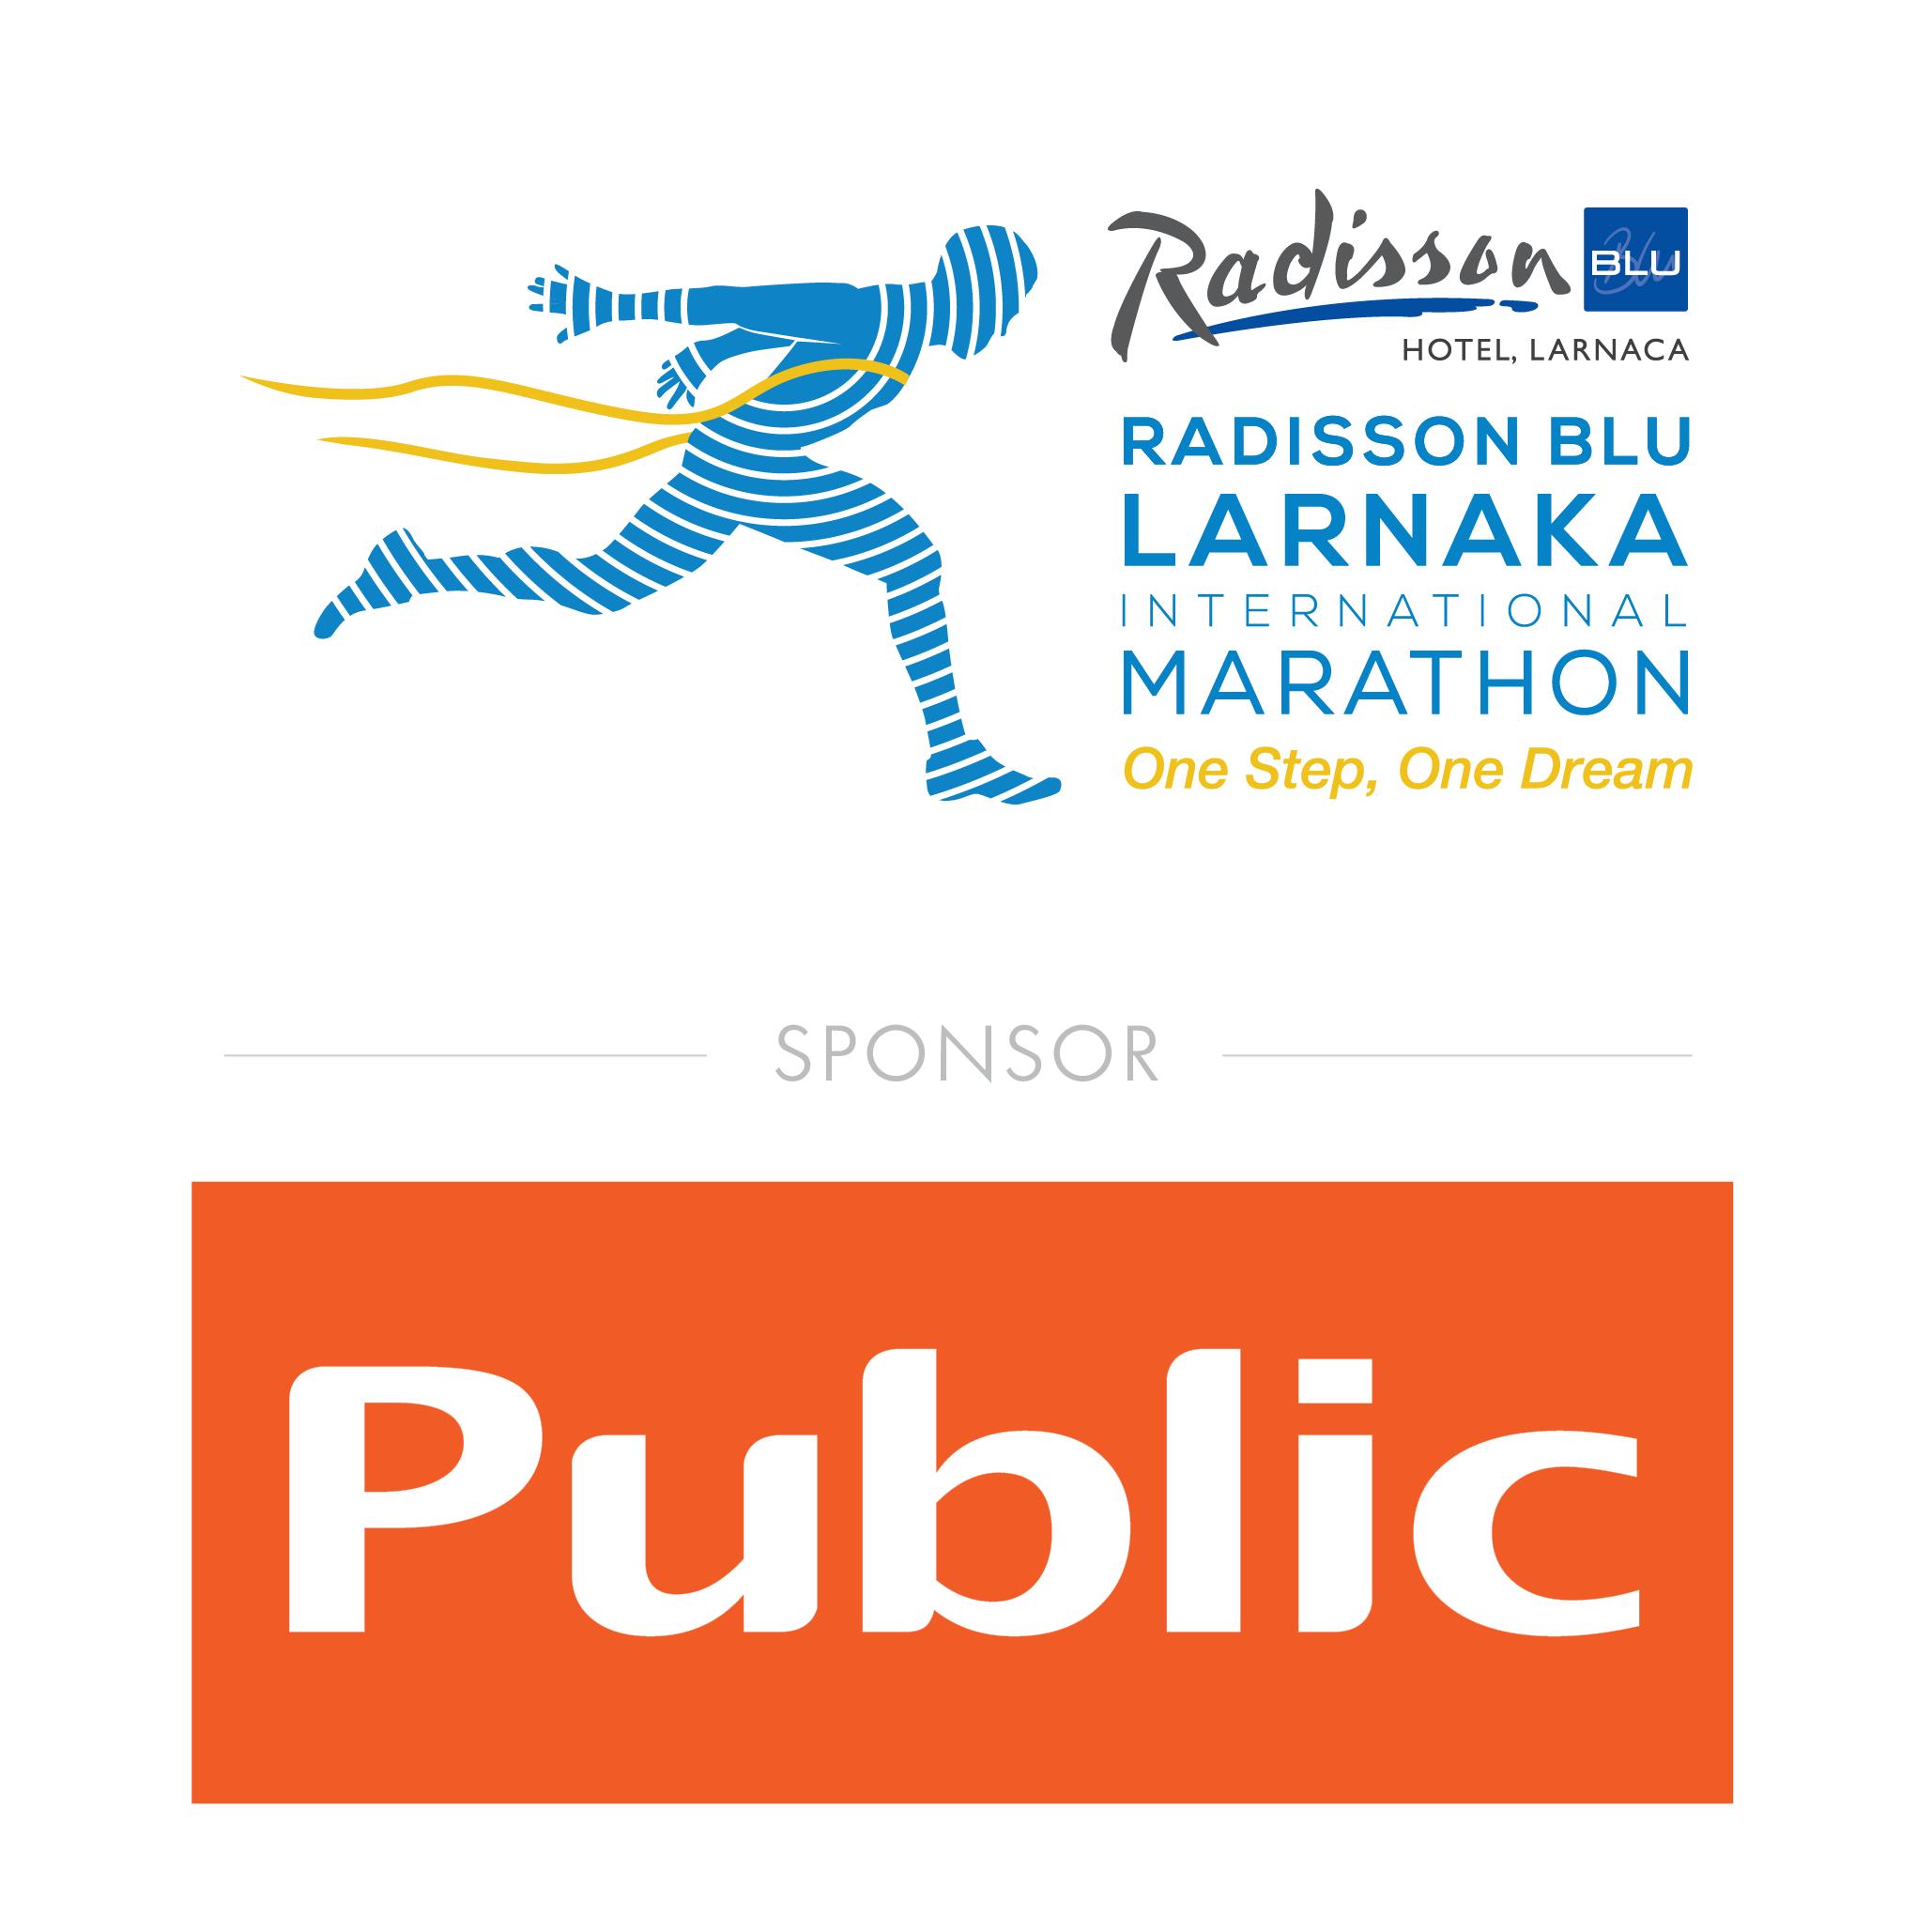 Τα PUBLIC για τρίτη συνεχόμενη χρονιά στο πλευρό του Radisson Blu Διεθνούς Μαραθωνίου Λάρνακας